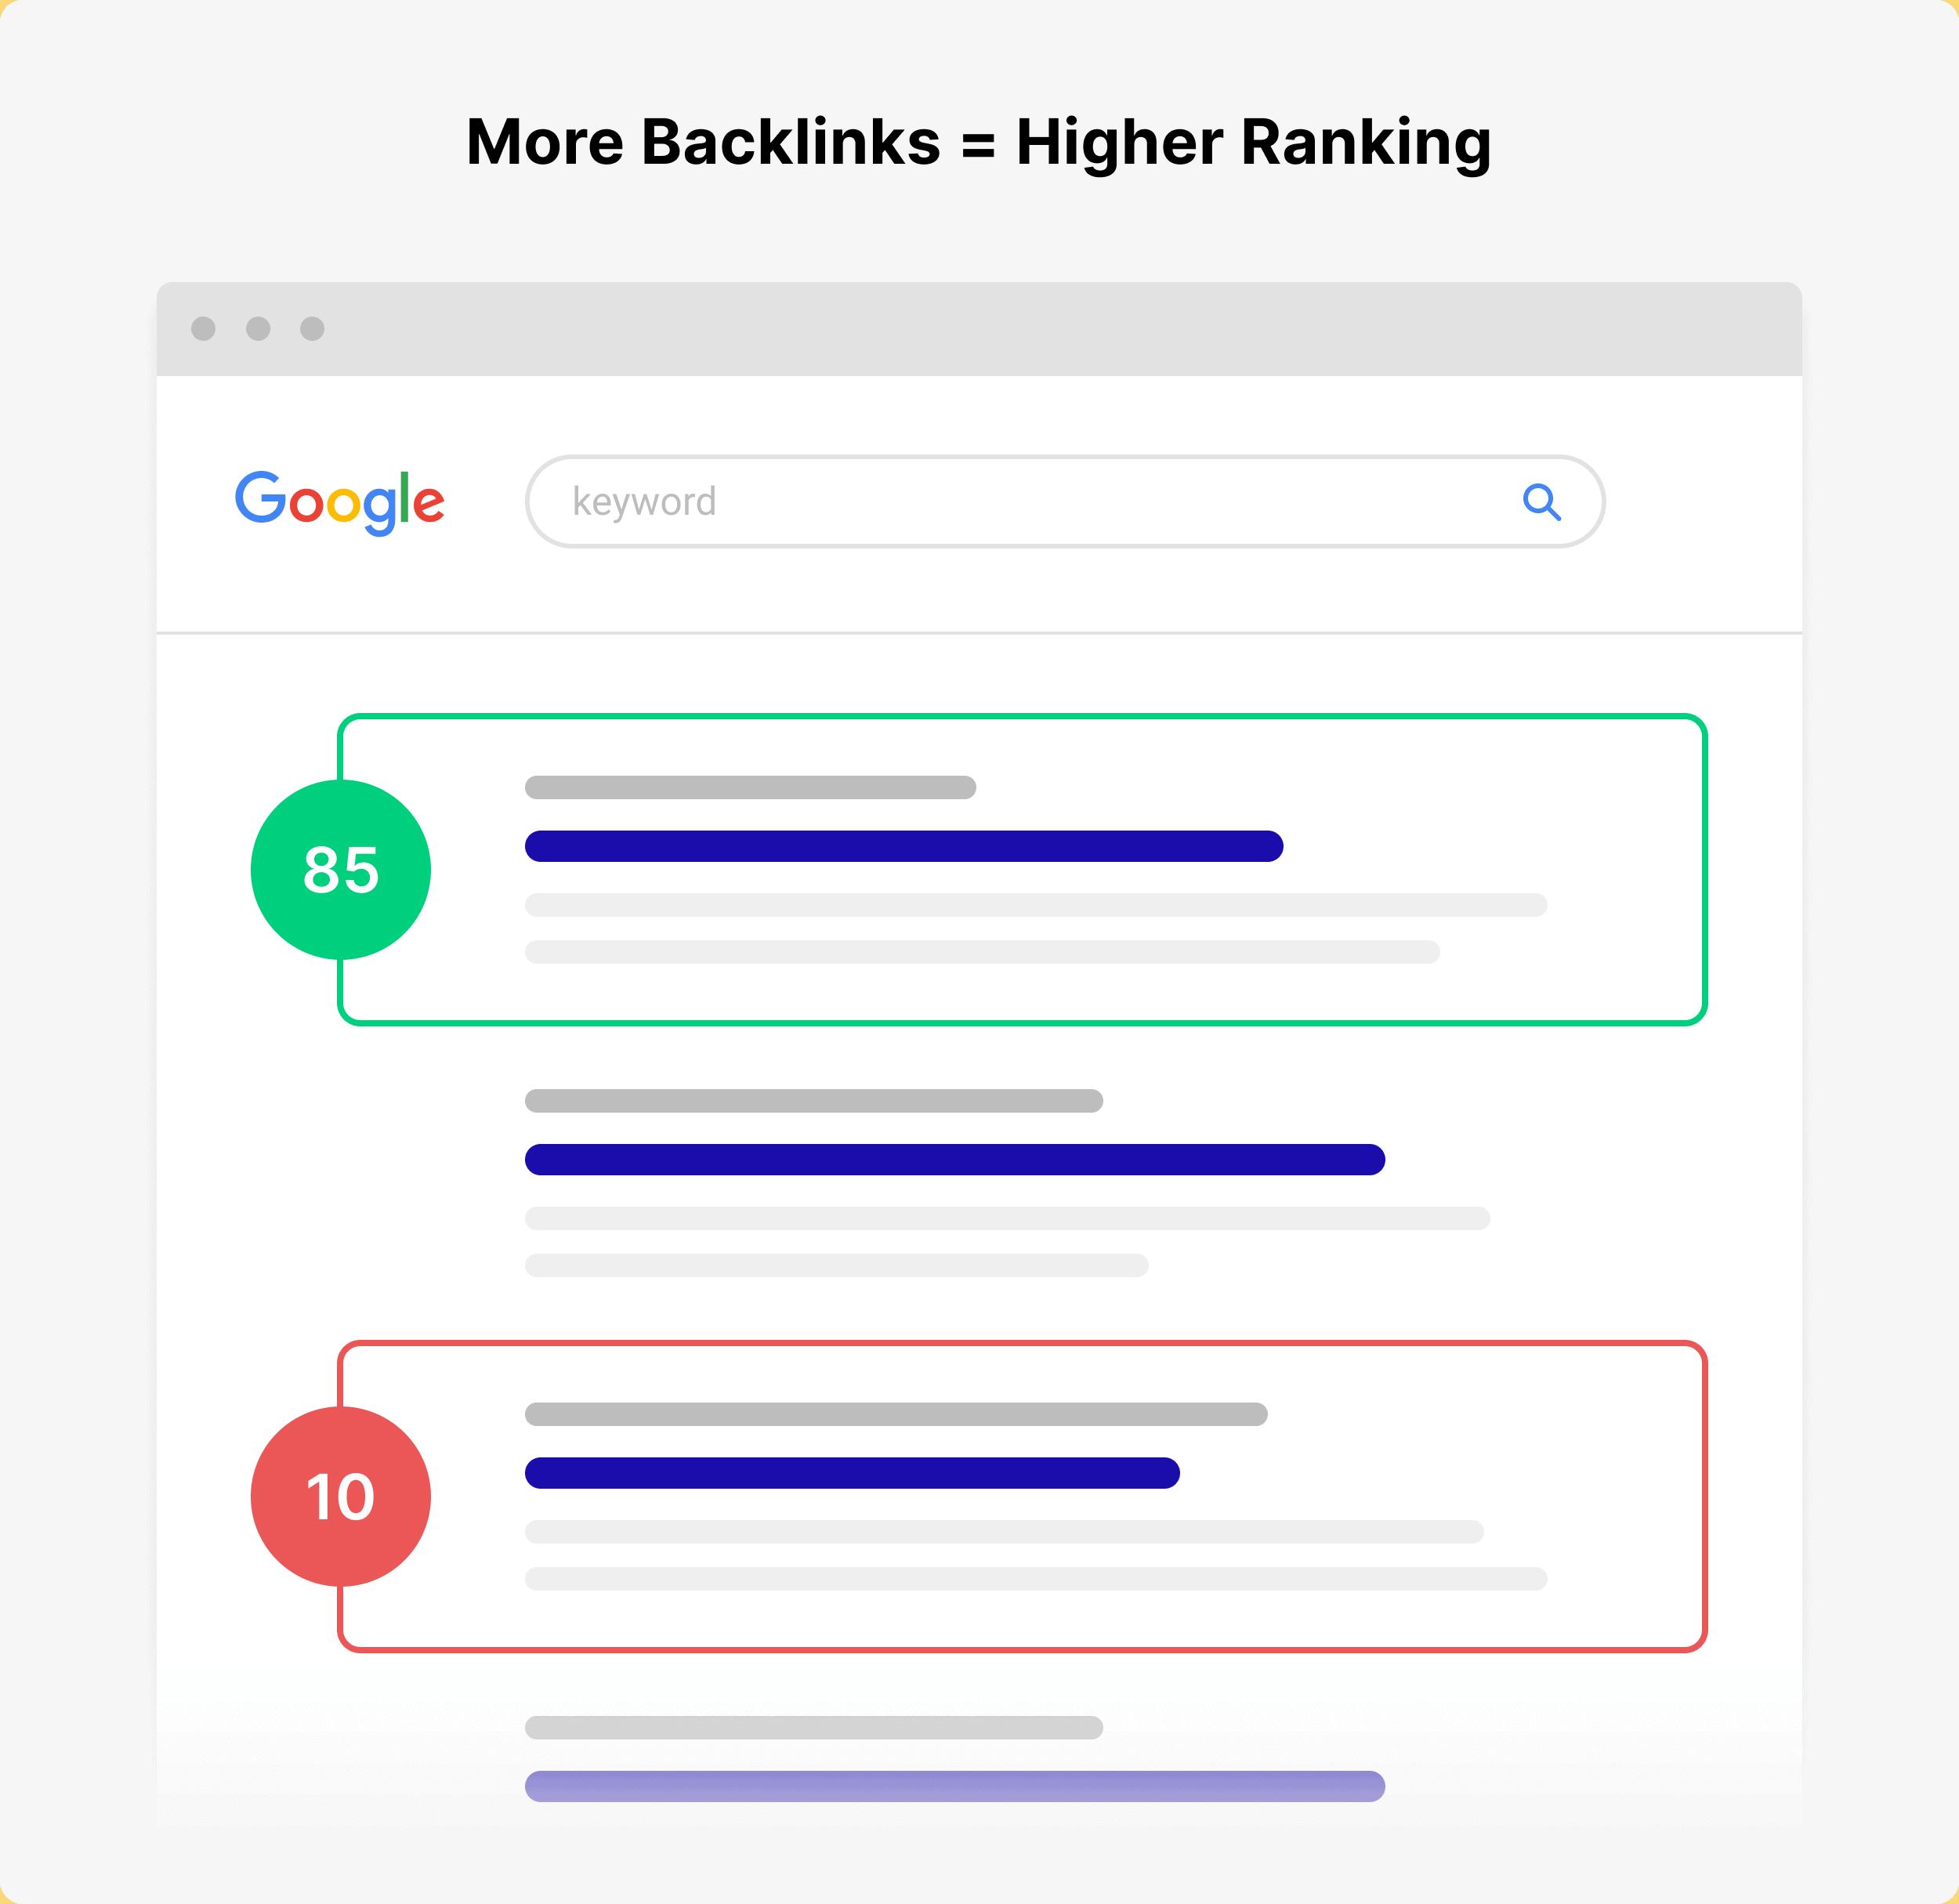 More backlinks – Higher ranking